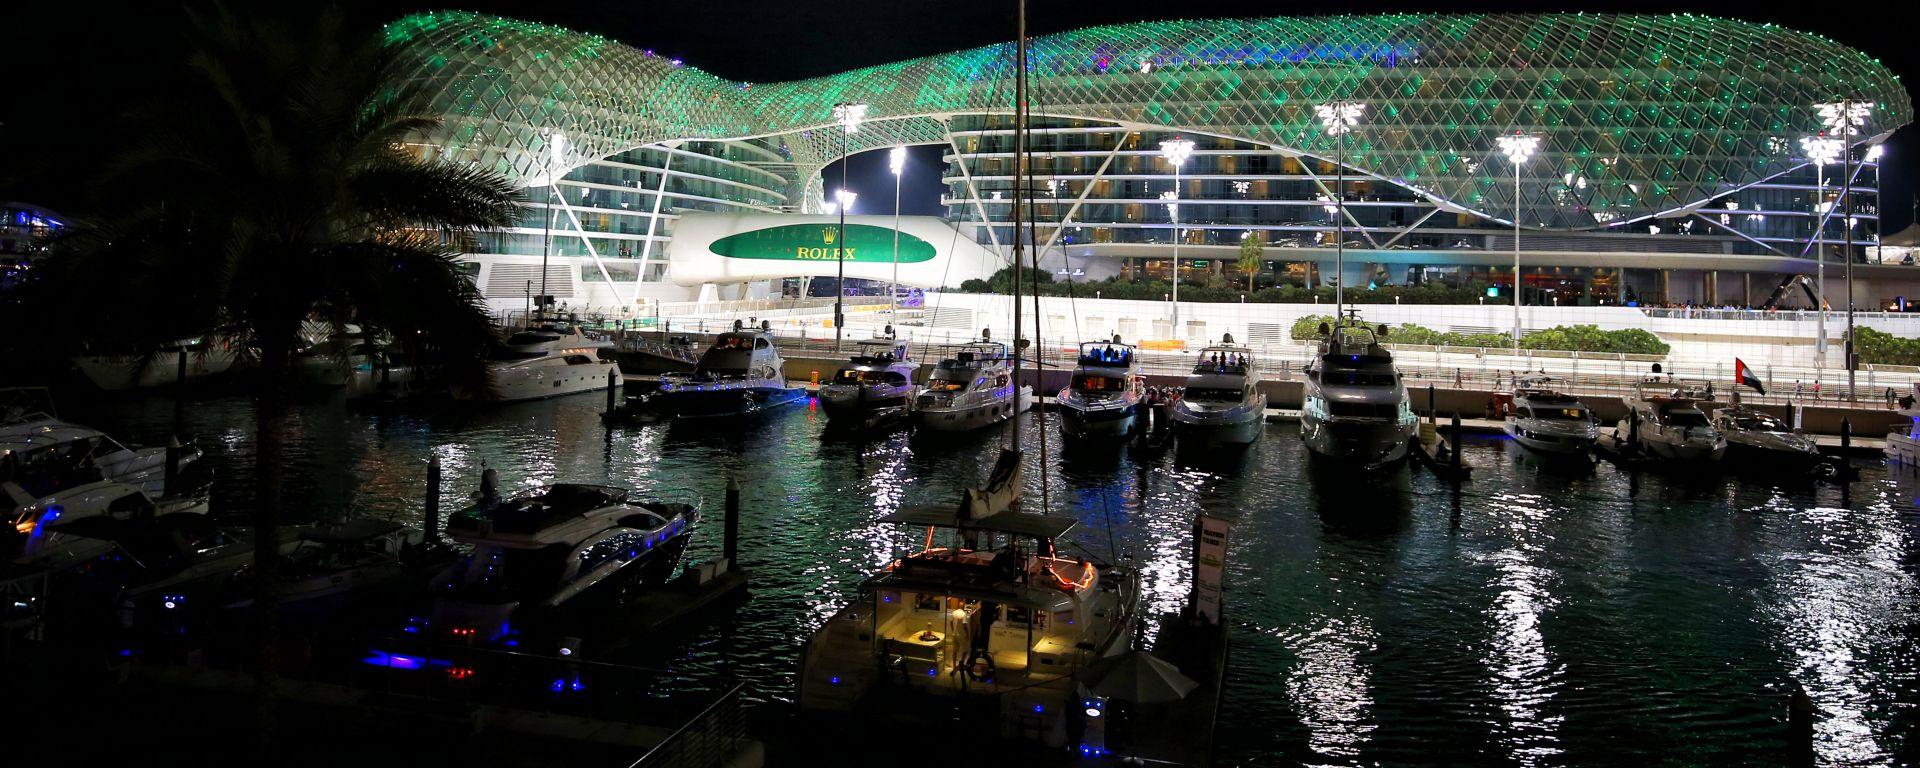 F1 GP Abu Dhabi, la scenografica illuminazione notturna del lussuoso hotel di Yas Marina